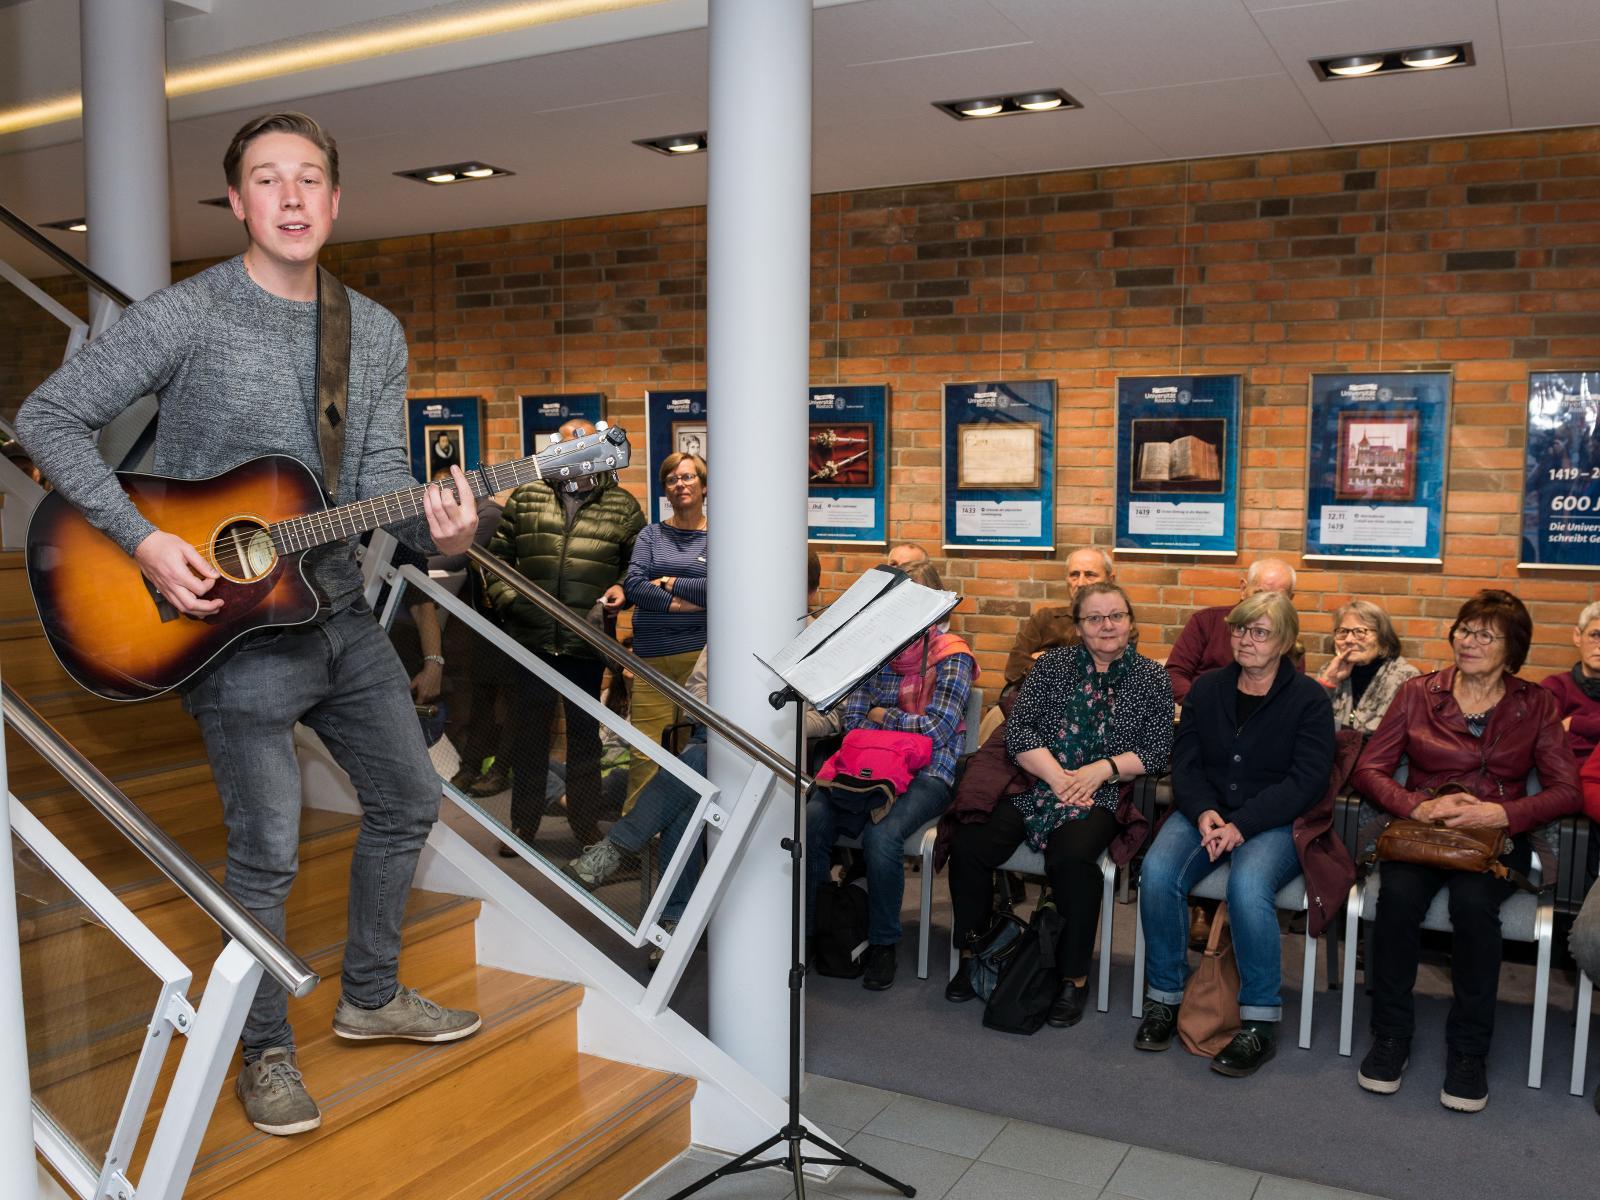 Der angehende Mathe- und Musiklehrer Dustin Saitzek sorgte für gute Stimmung bei Kunst auf der Treppe